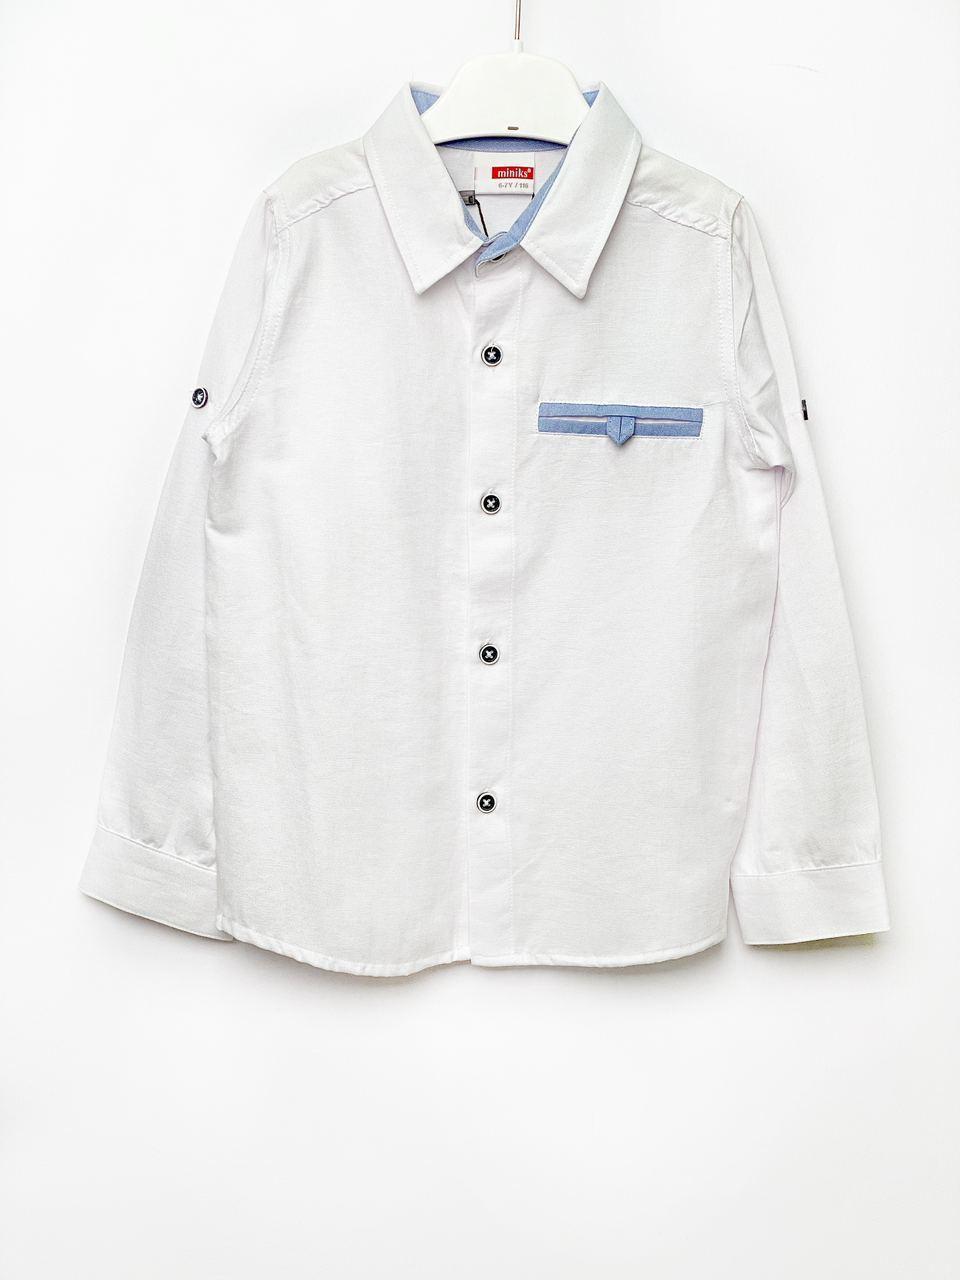 Белая рубашка для мальчика, размеры  2/3, 3/4, 5/6, 6/7 л.